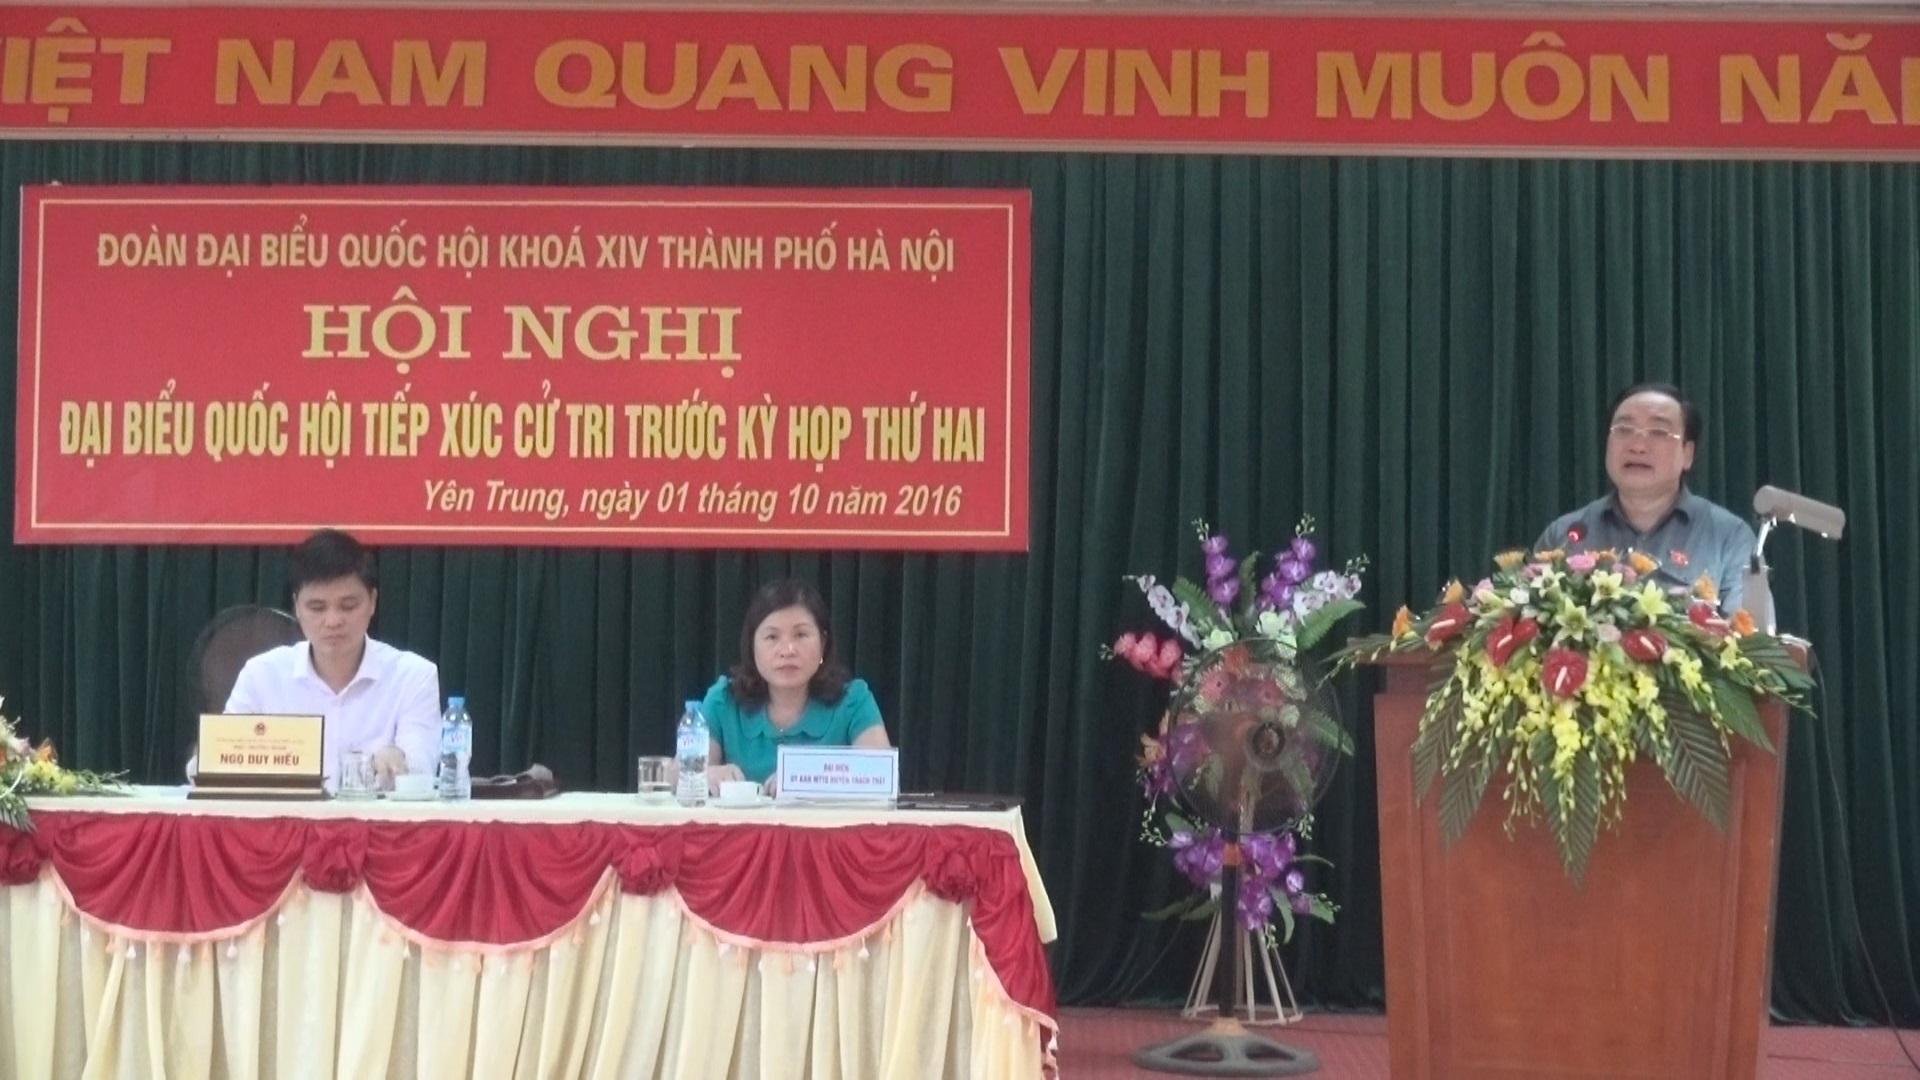 Đoàn đại biểu Quốc hội tiếp xúc cử tri tại xã Yên Trung.